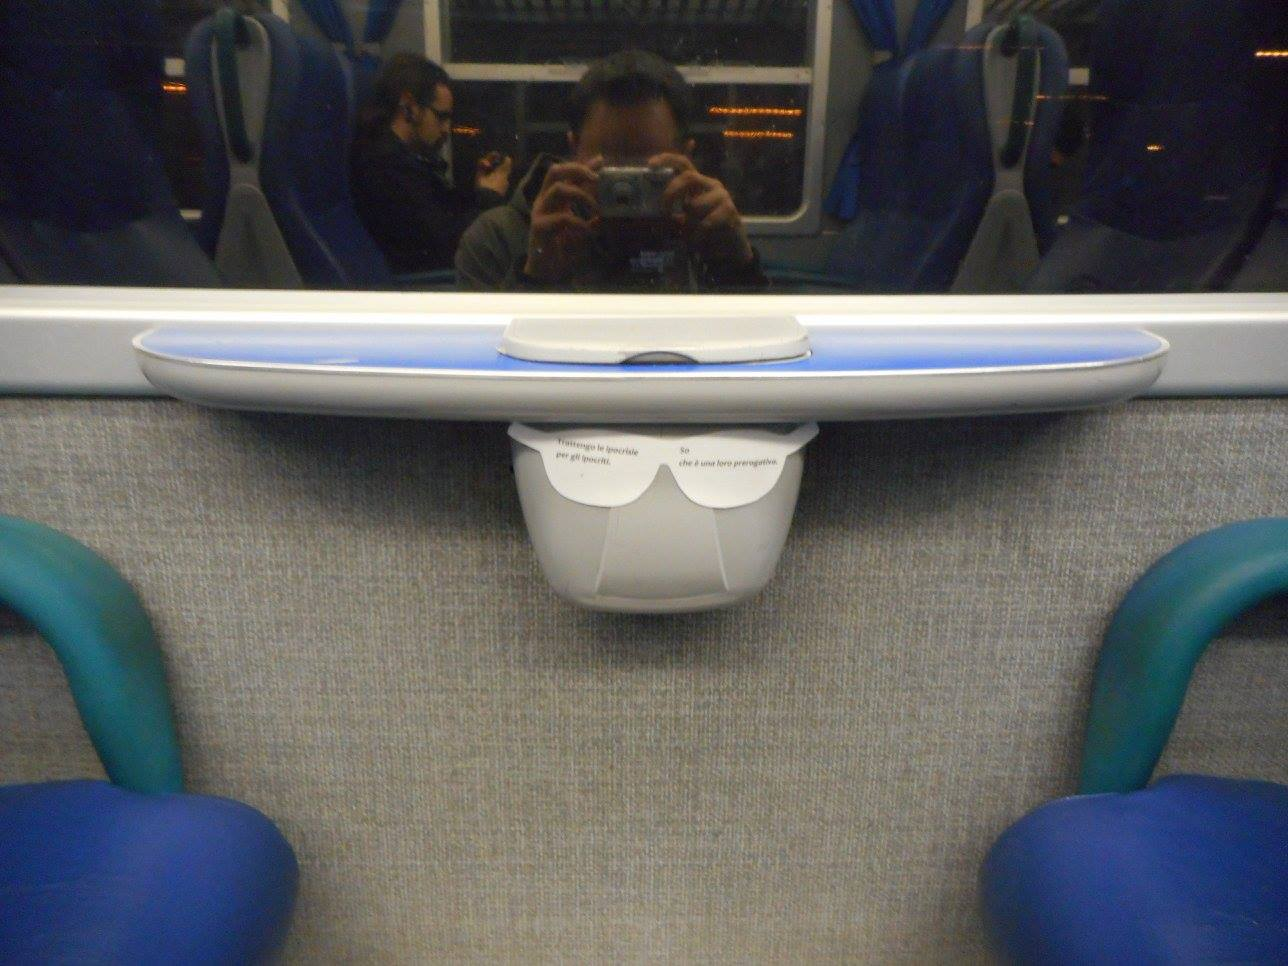 L'osservatore di Trenitalia